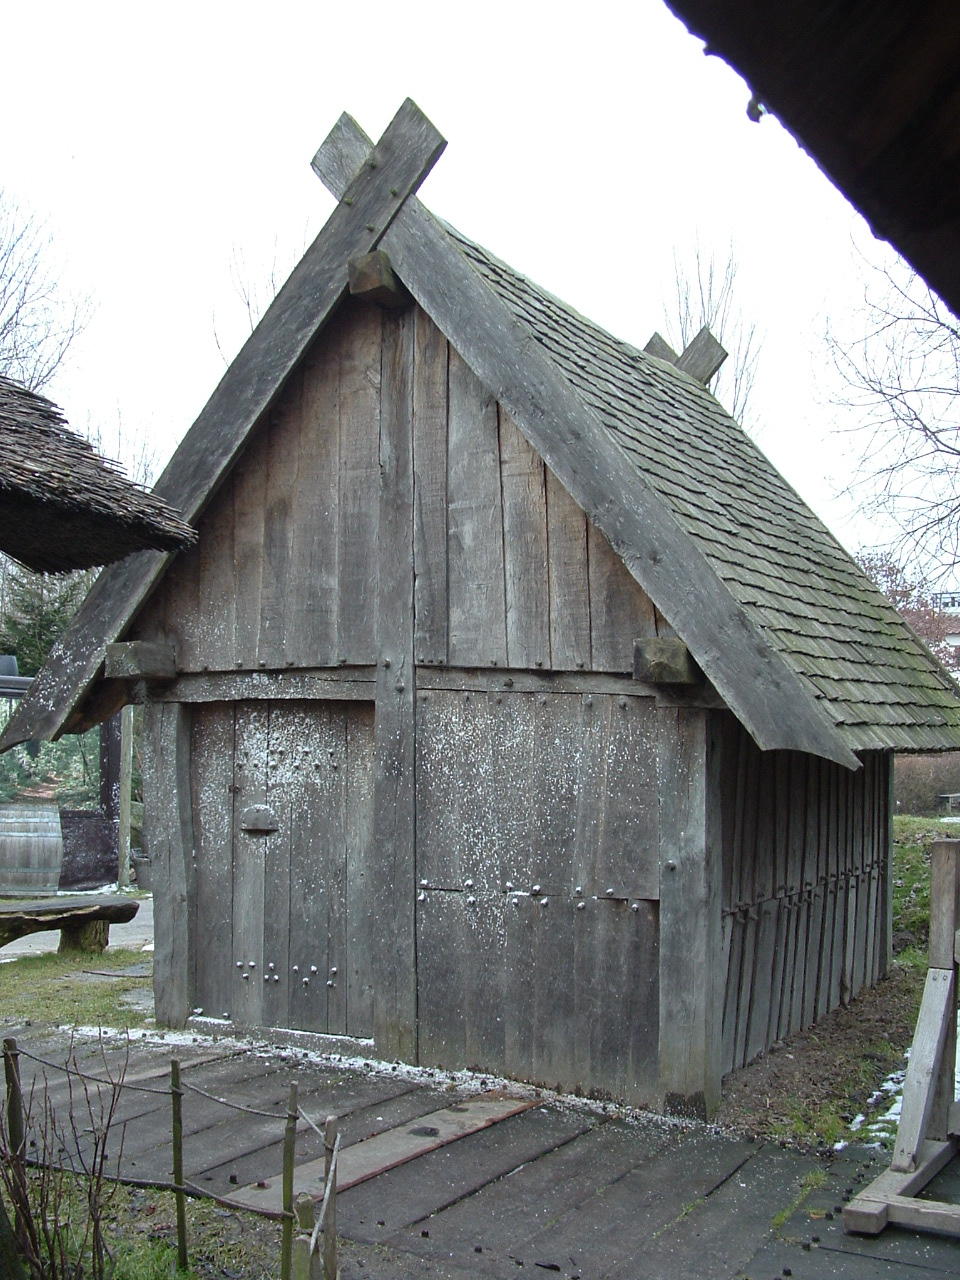 Wevershuisje in de Karolingische tijd